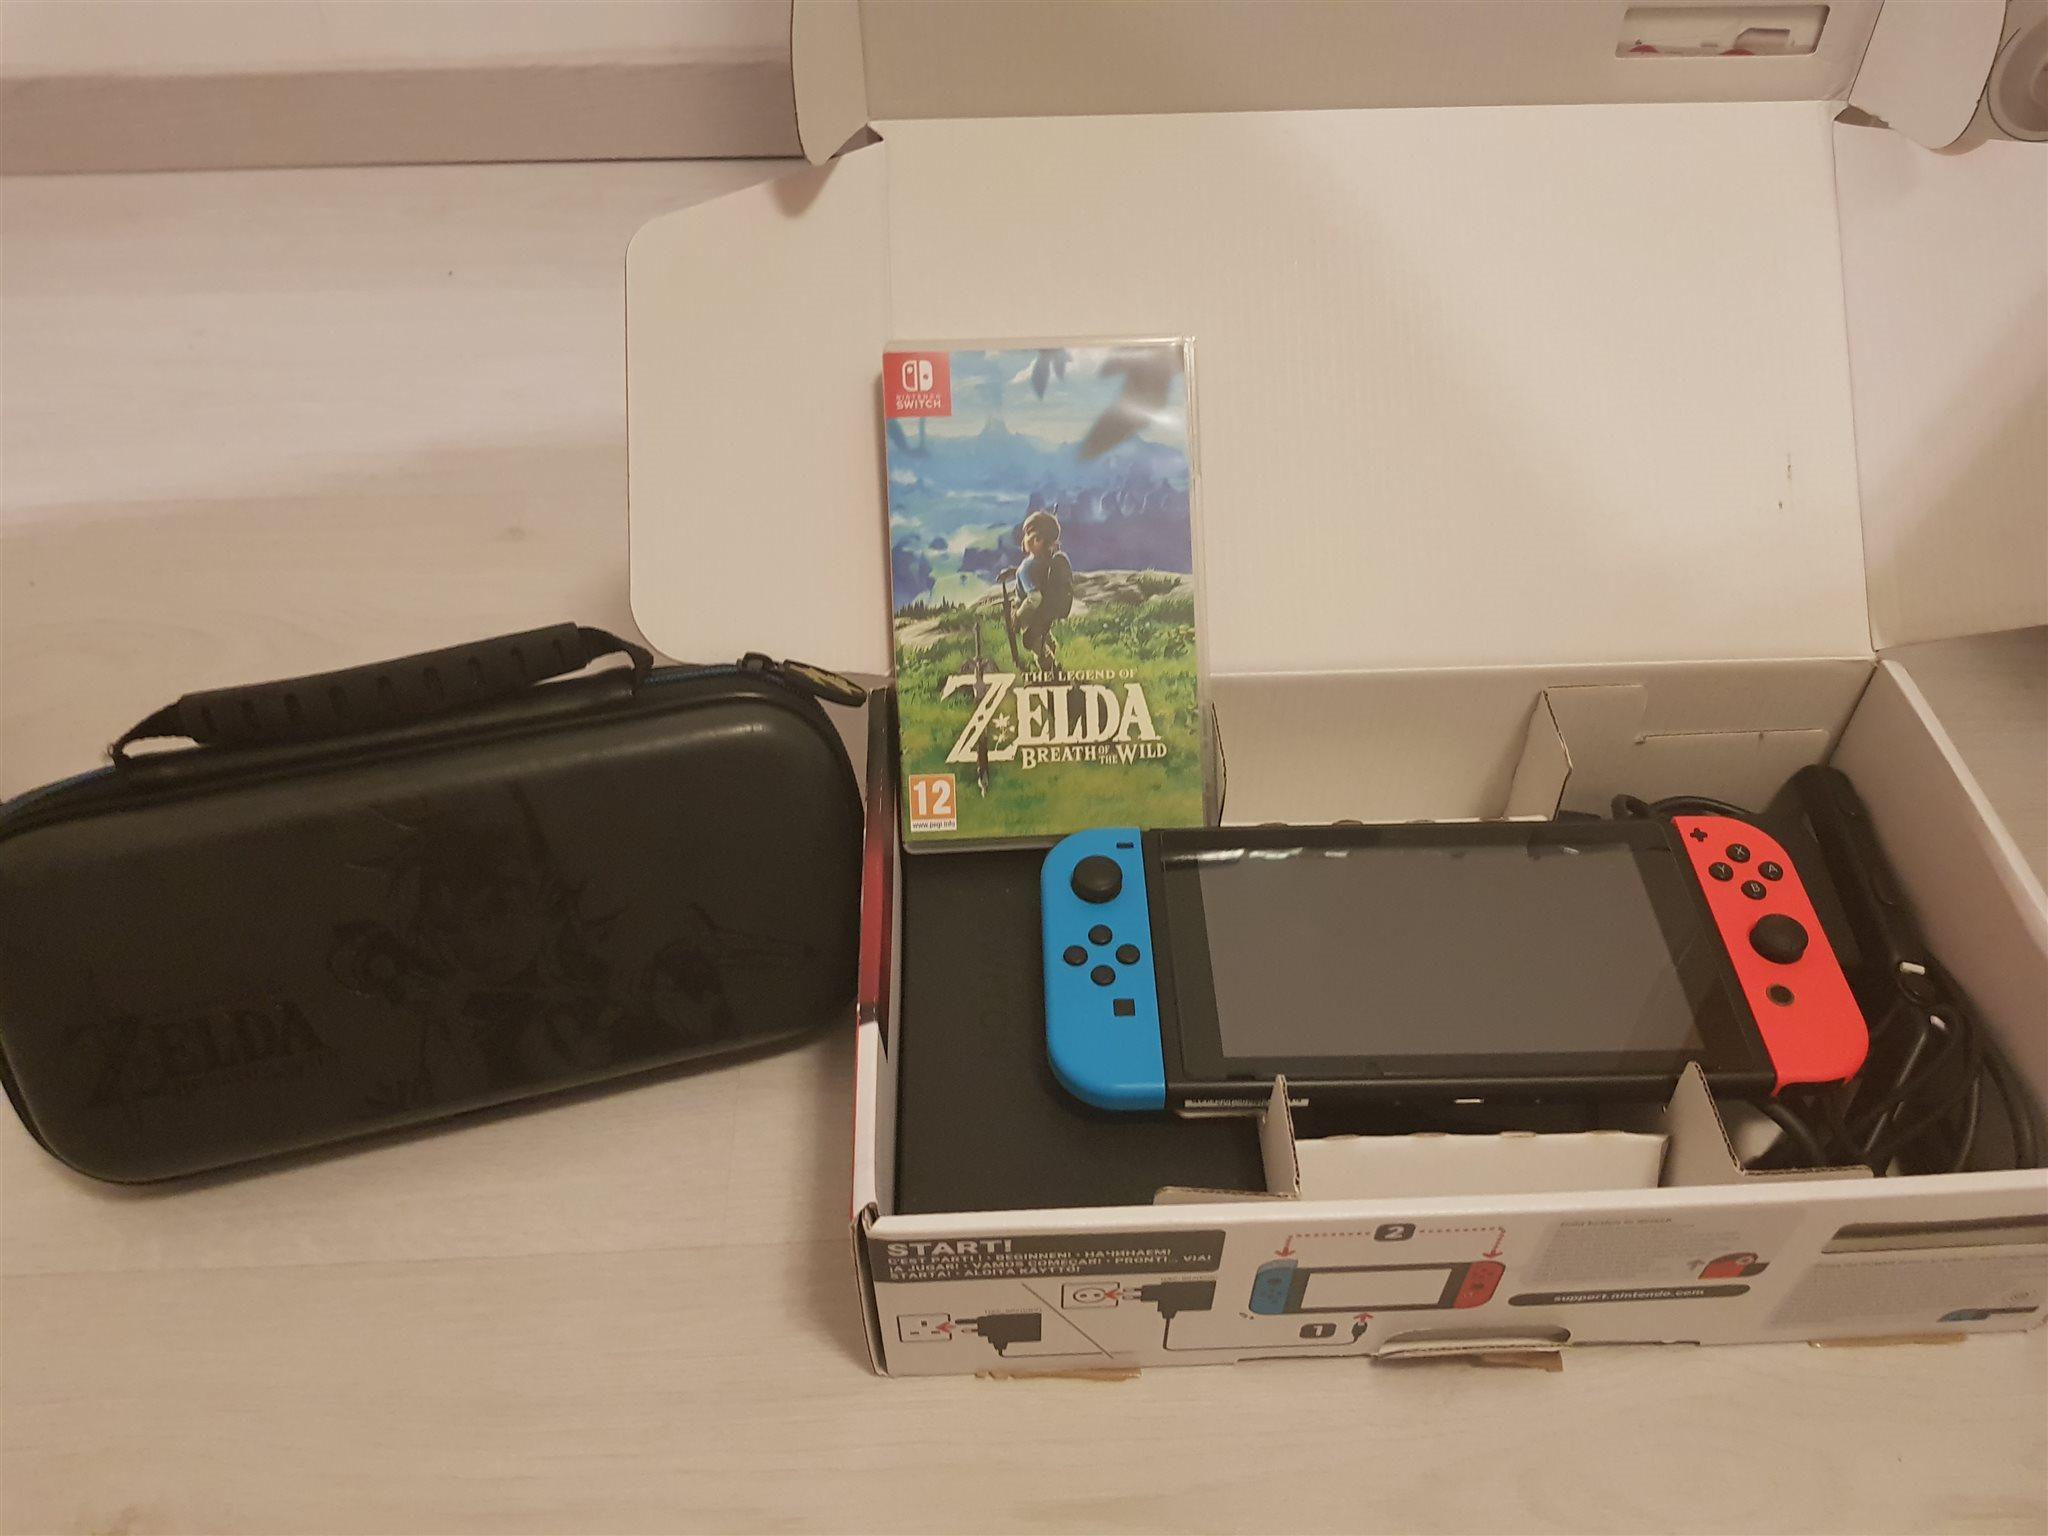 Nintendo Switch med Zelda spelet och väska  fri.. (336309437) ᐈ Köp ... 6782c20b39bb4